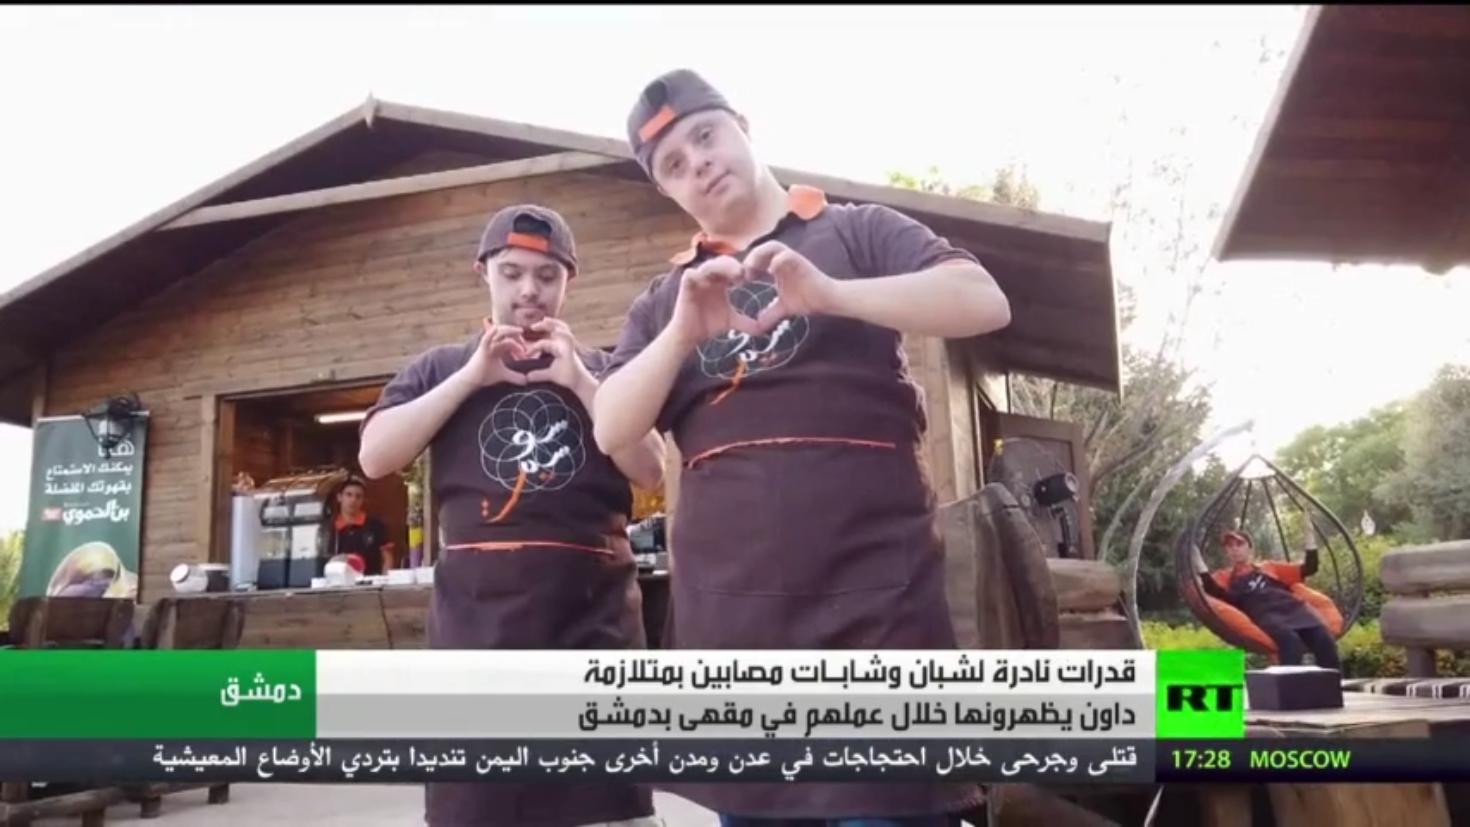 مقهى في دمشق.. متلازمة داون لا تمنع التميّز